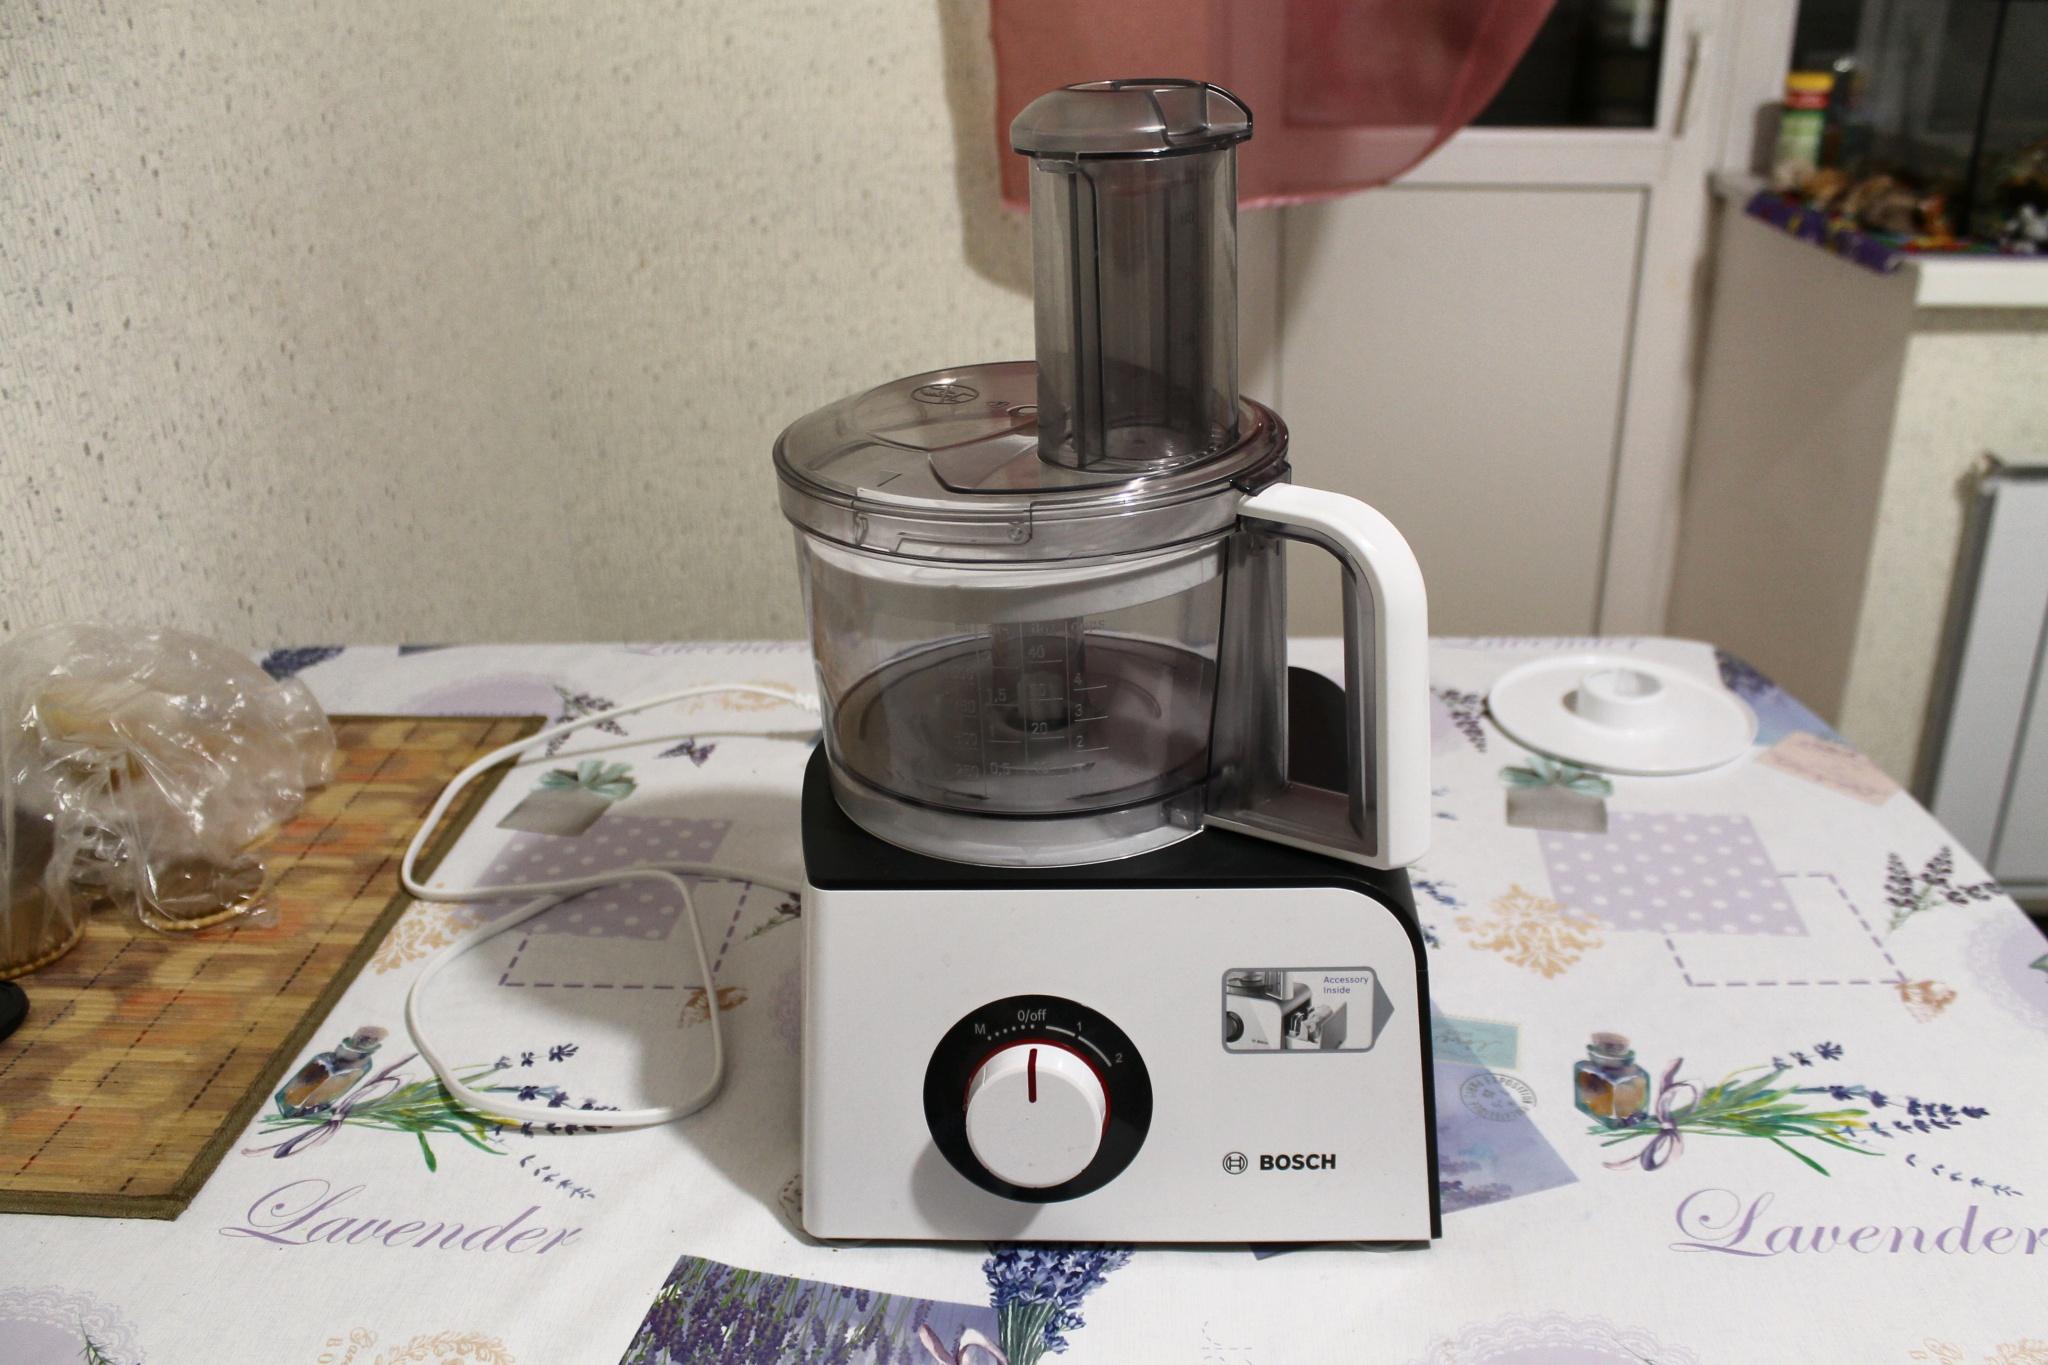 обзор от покупателя на кухонный комбайн Bosch Mcm4000 интернет